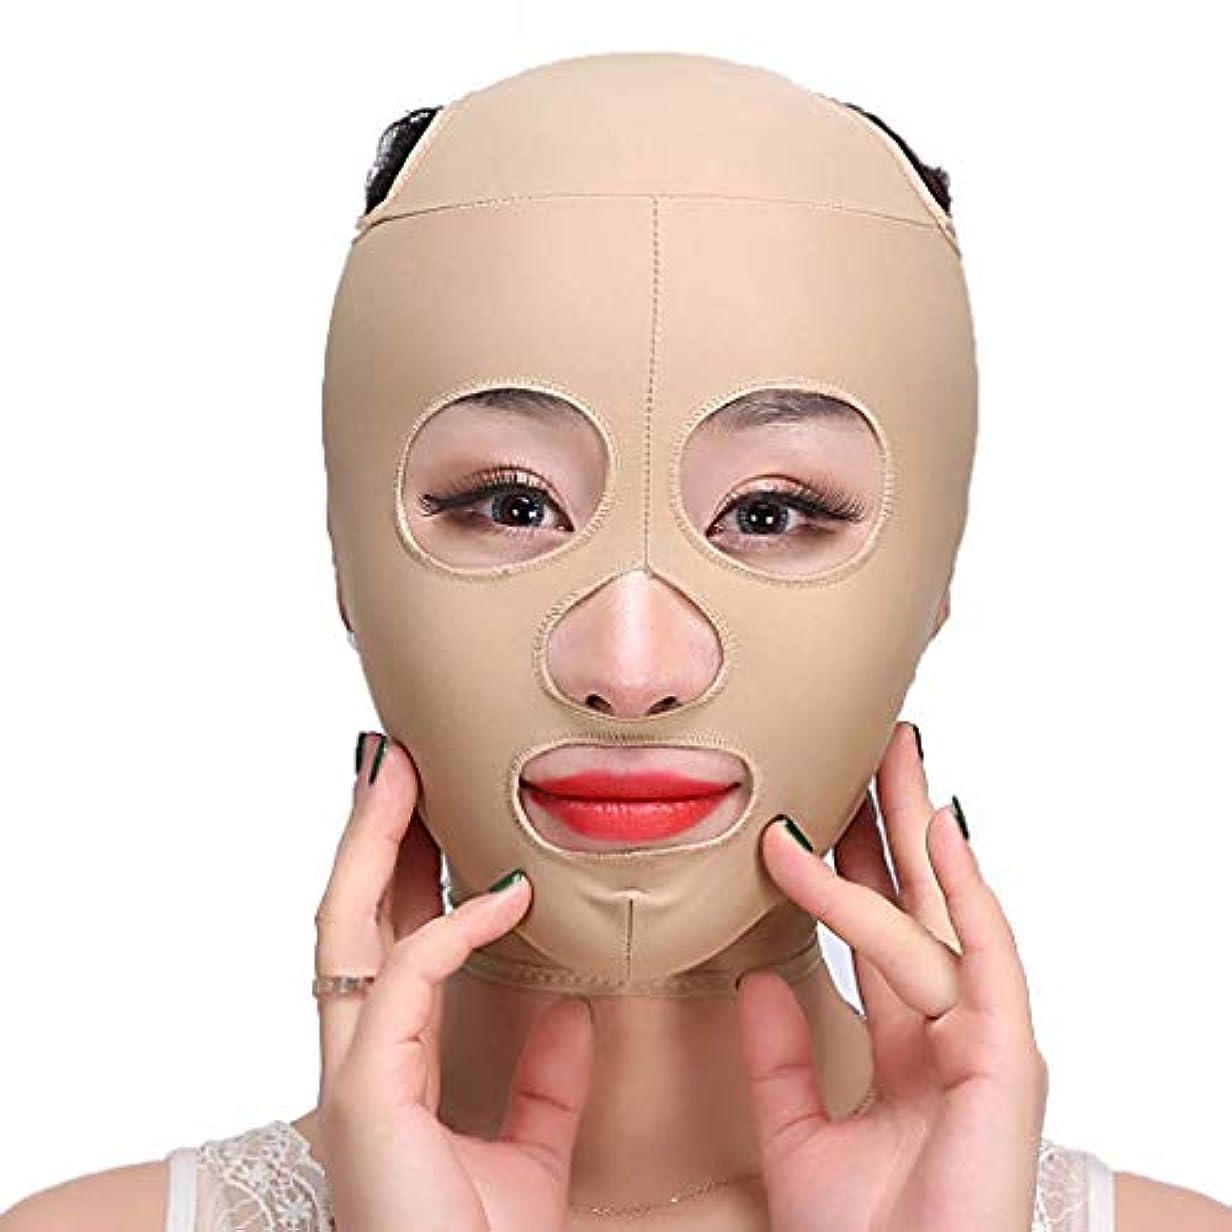 ダムウガンダ部屋を掃除するLJK 痩身ベルト、フェイスマスク薄いフェイス楽器リフティング引き締めVフェイス男性と女性フェイスリフティングステッカーダブルチンフェイスリフティングフェイスマスク包帯フェイシャルマッサージ (Size : L)